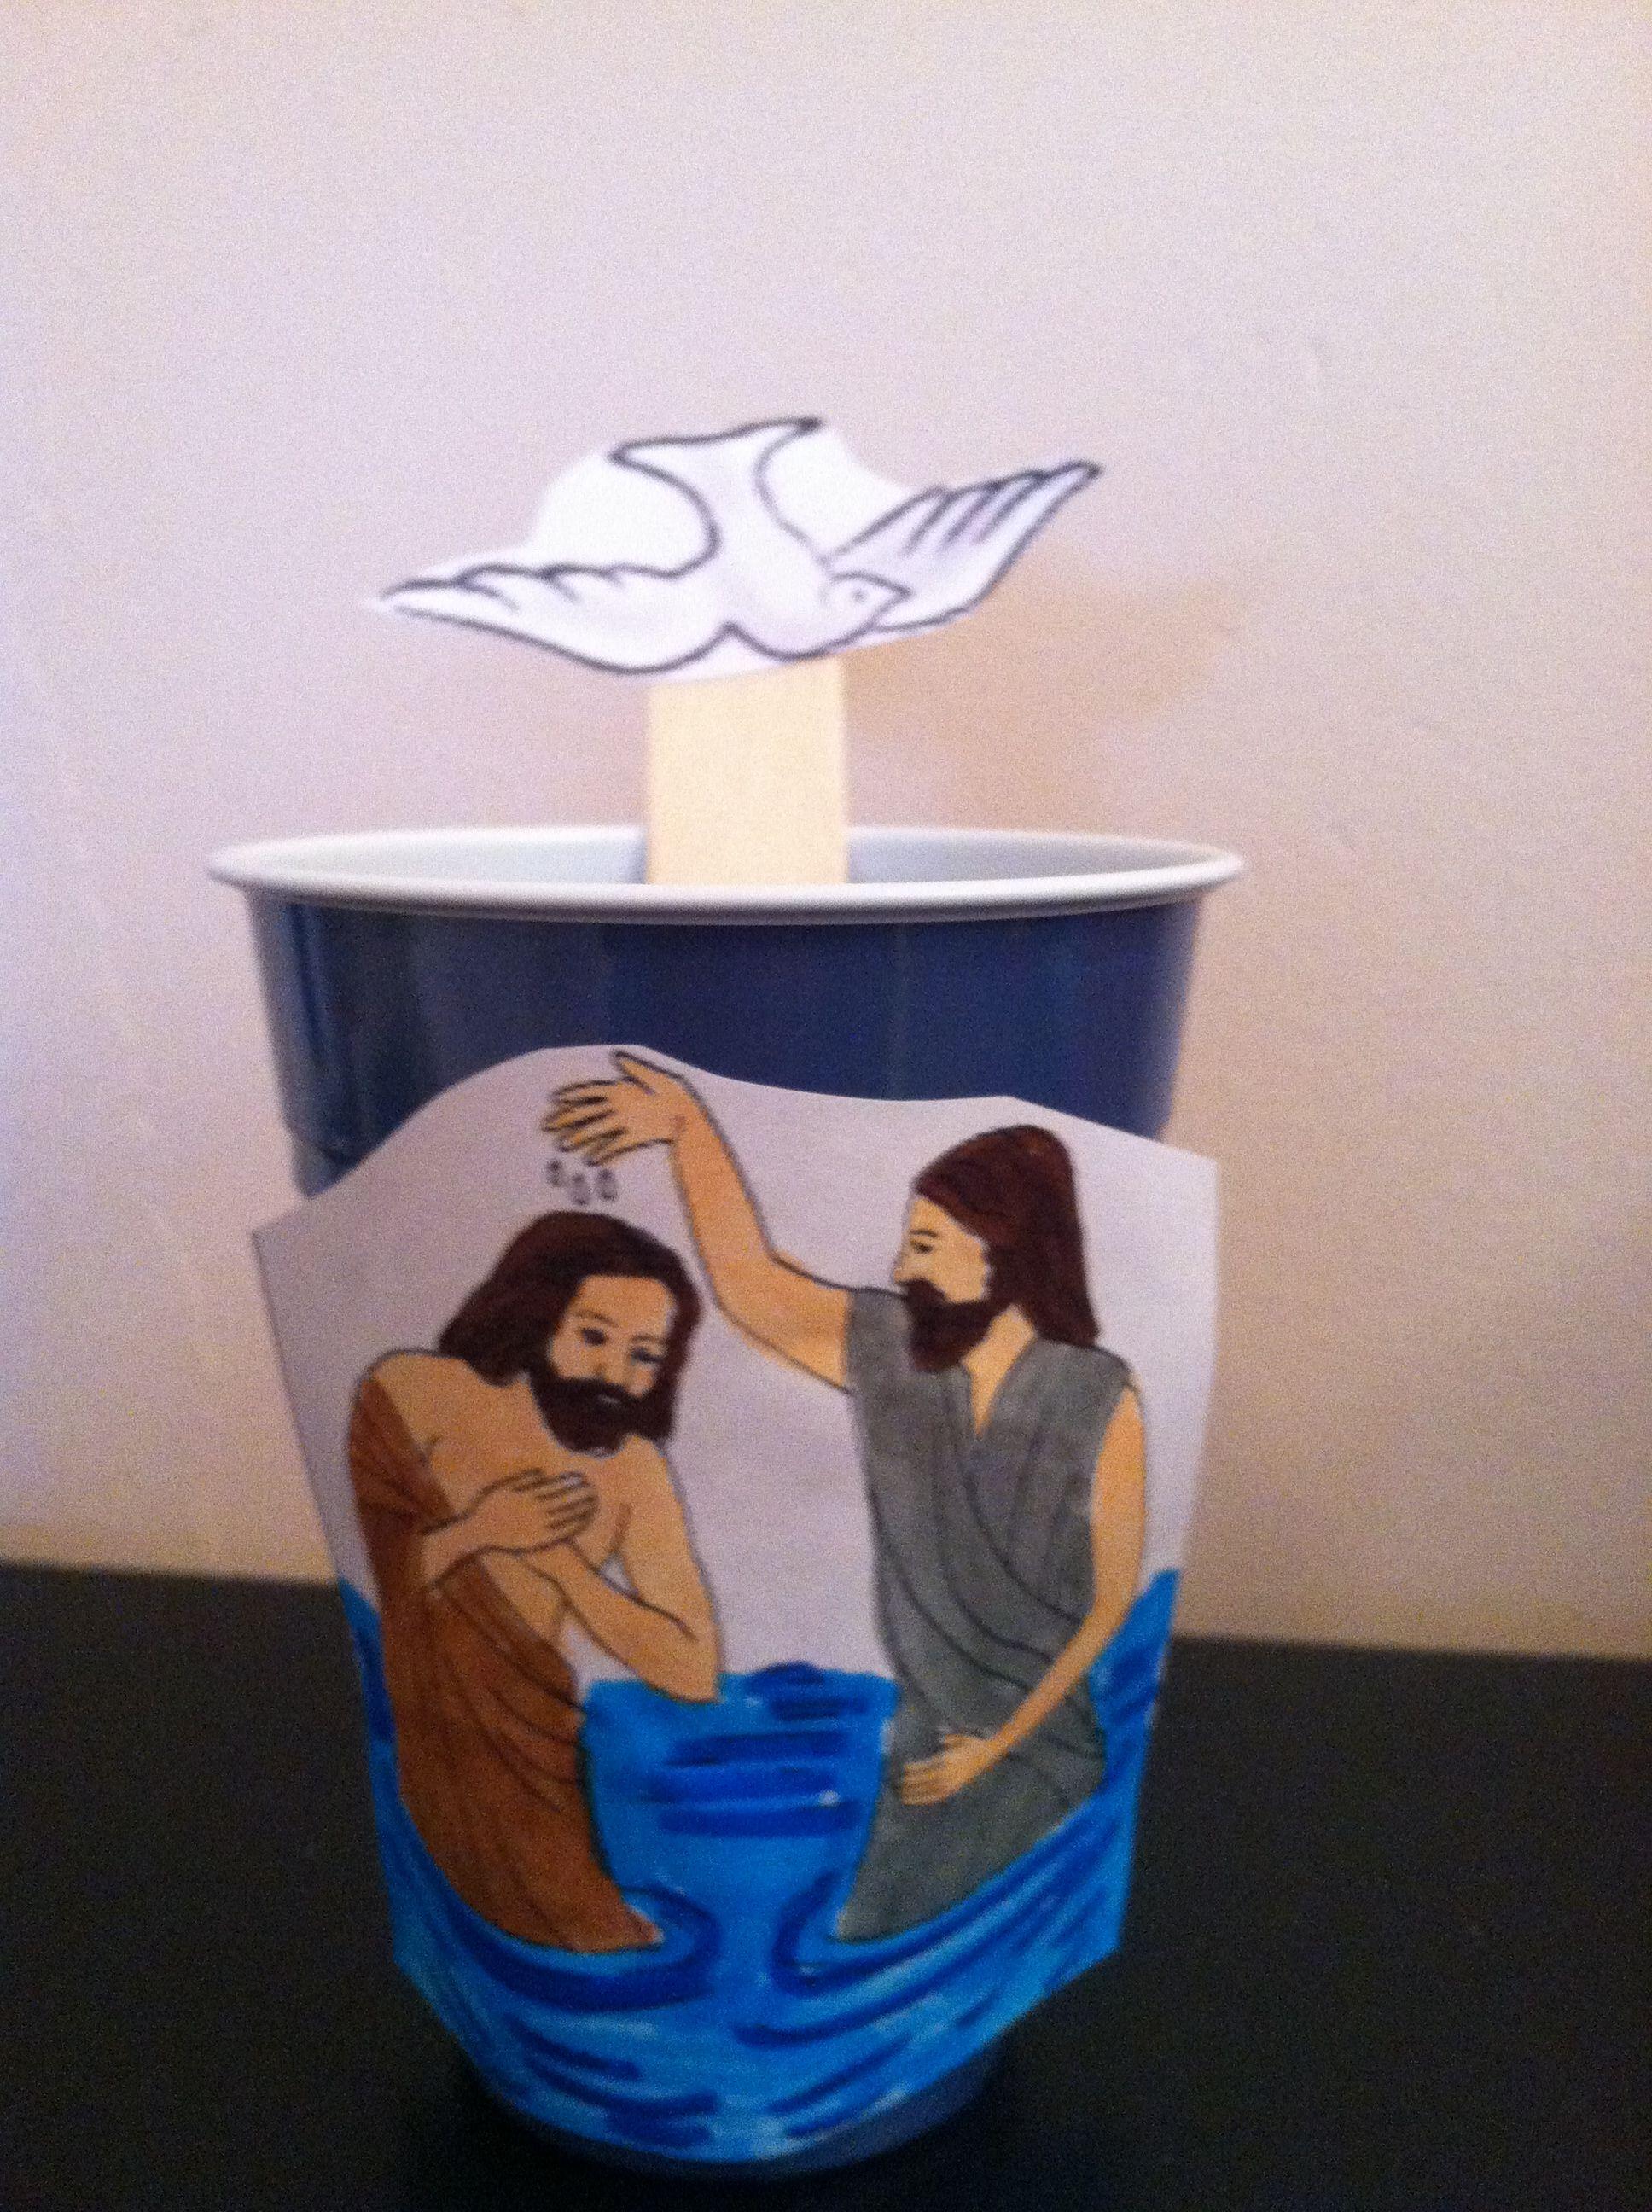 Matthew 3 13 17 Mark 1 1 11 Luke 3 21 22 John 1 19 34 Jesus Was